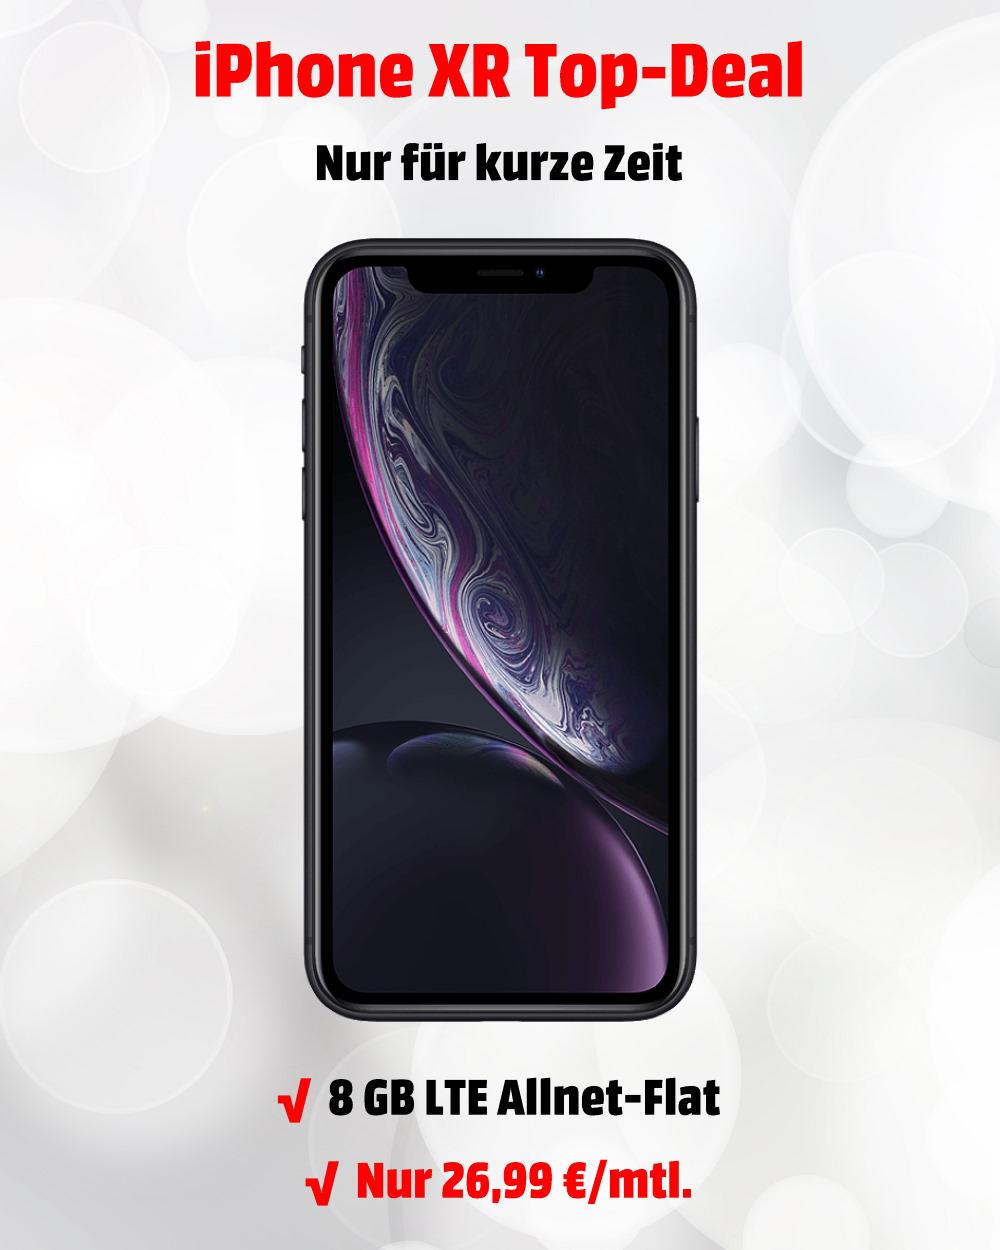 iPhone XR mit 8 GB LTE Allnet-Flat zum absoluten Tiefstpreis